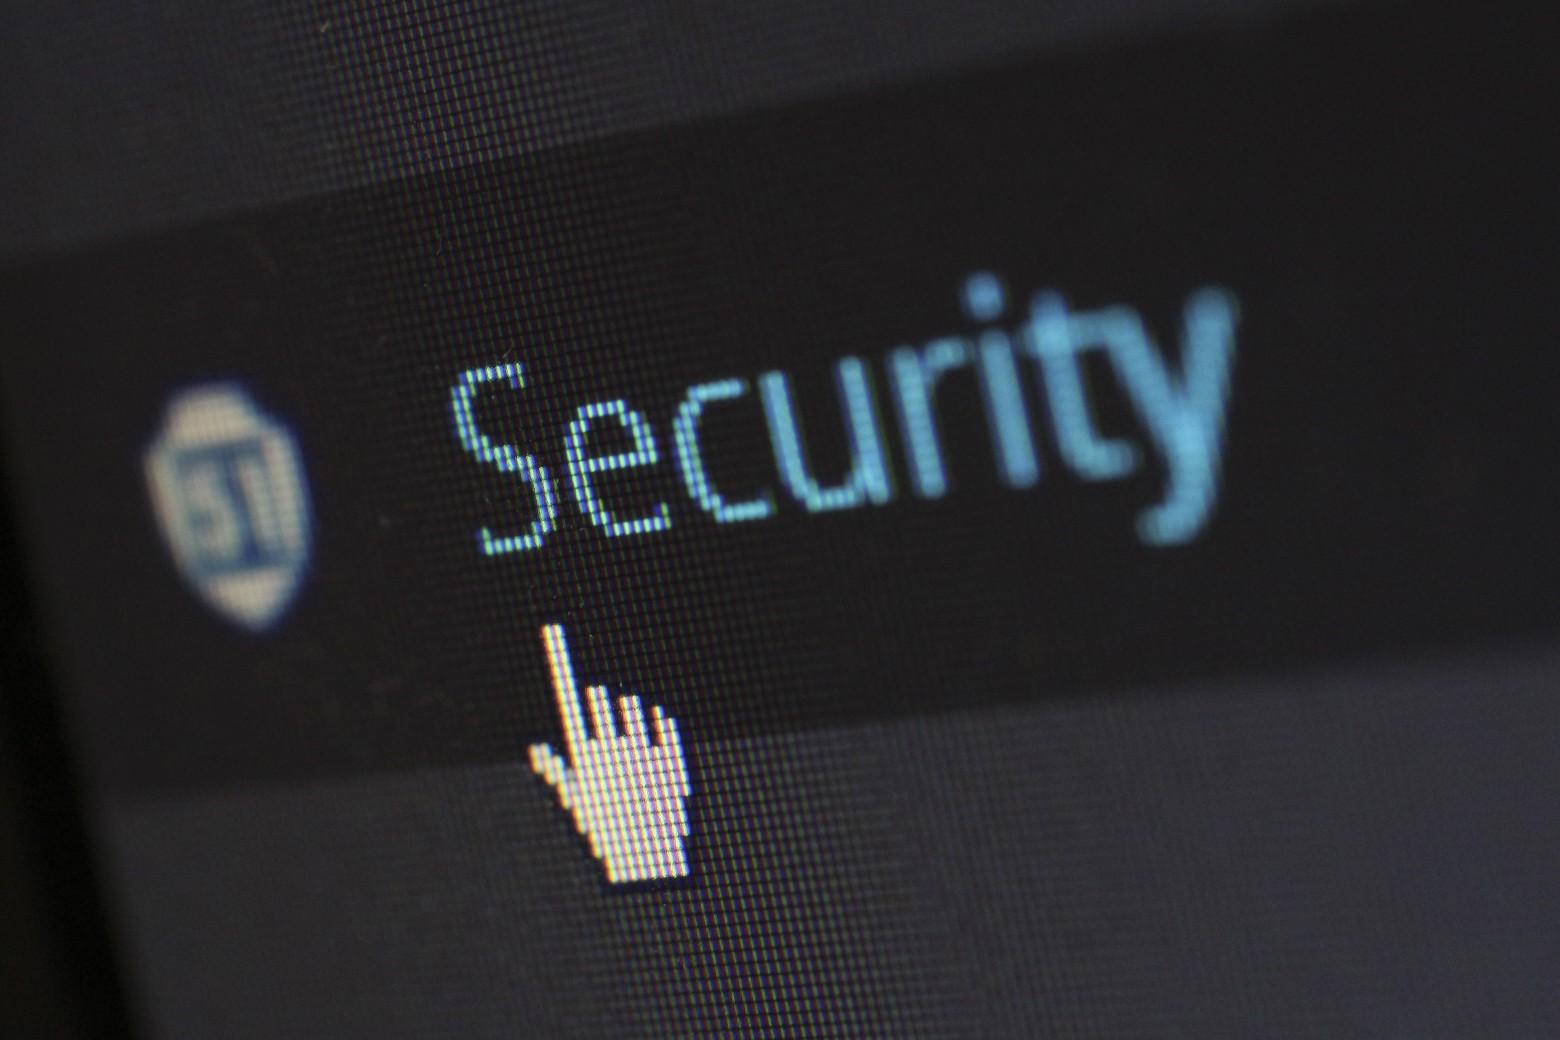 sécurité informatique anti-virus téléchargement images photos gratuites libres de droits